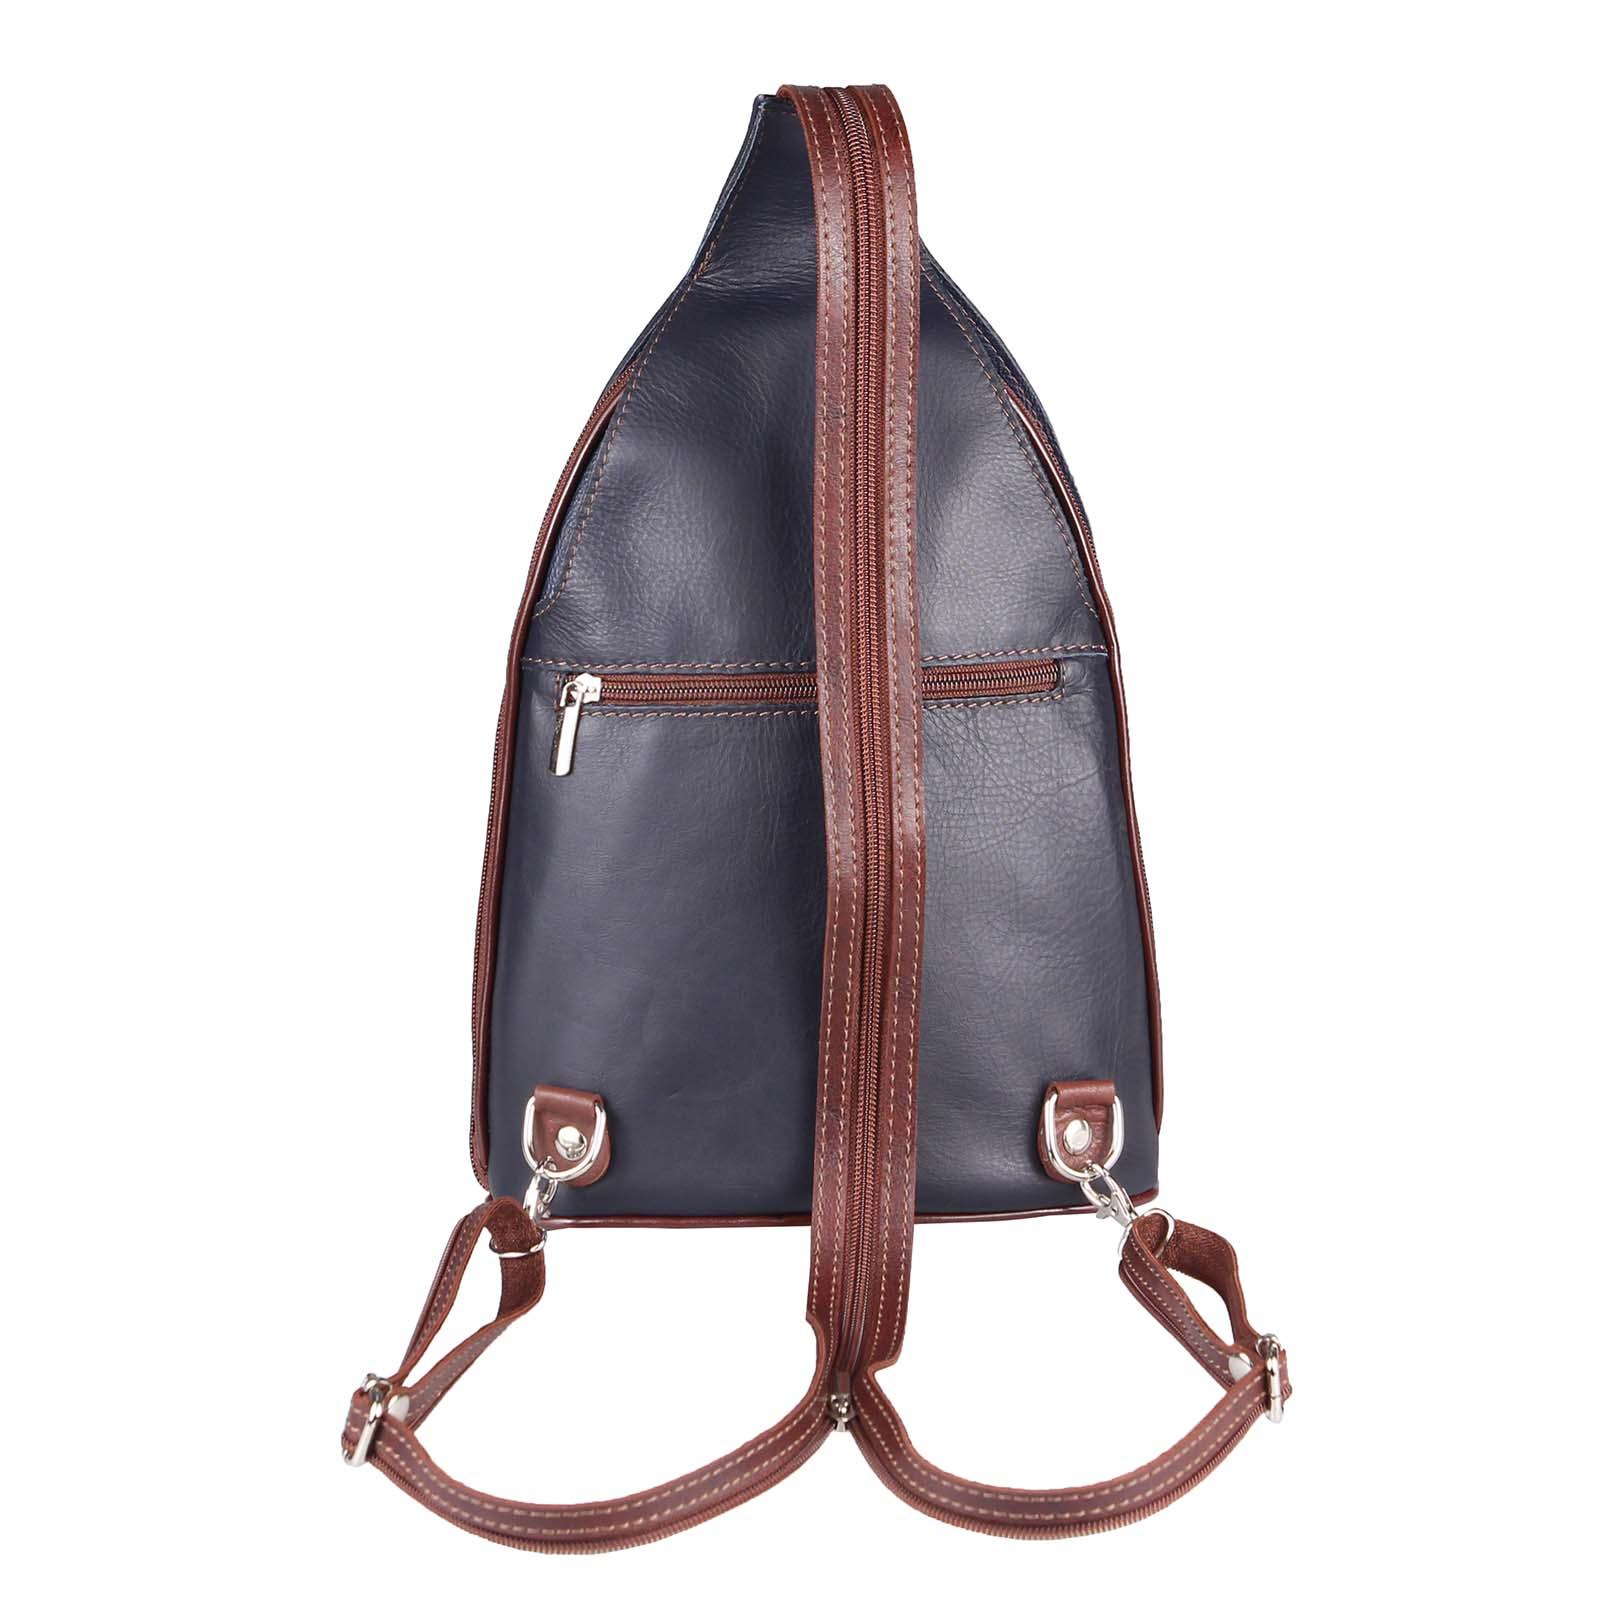 ITALY-DAMEN-LEDER-RUCKSACK-Schulter-Tasche-Reise-BACKPACK-Lederrucksack-it-BAG Indexbild 94